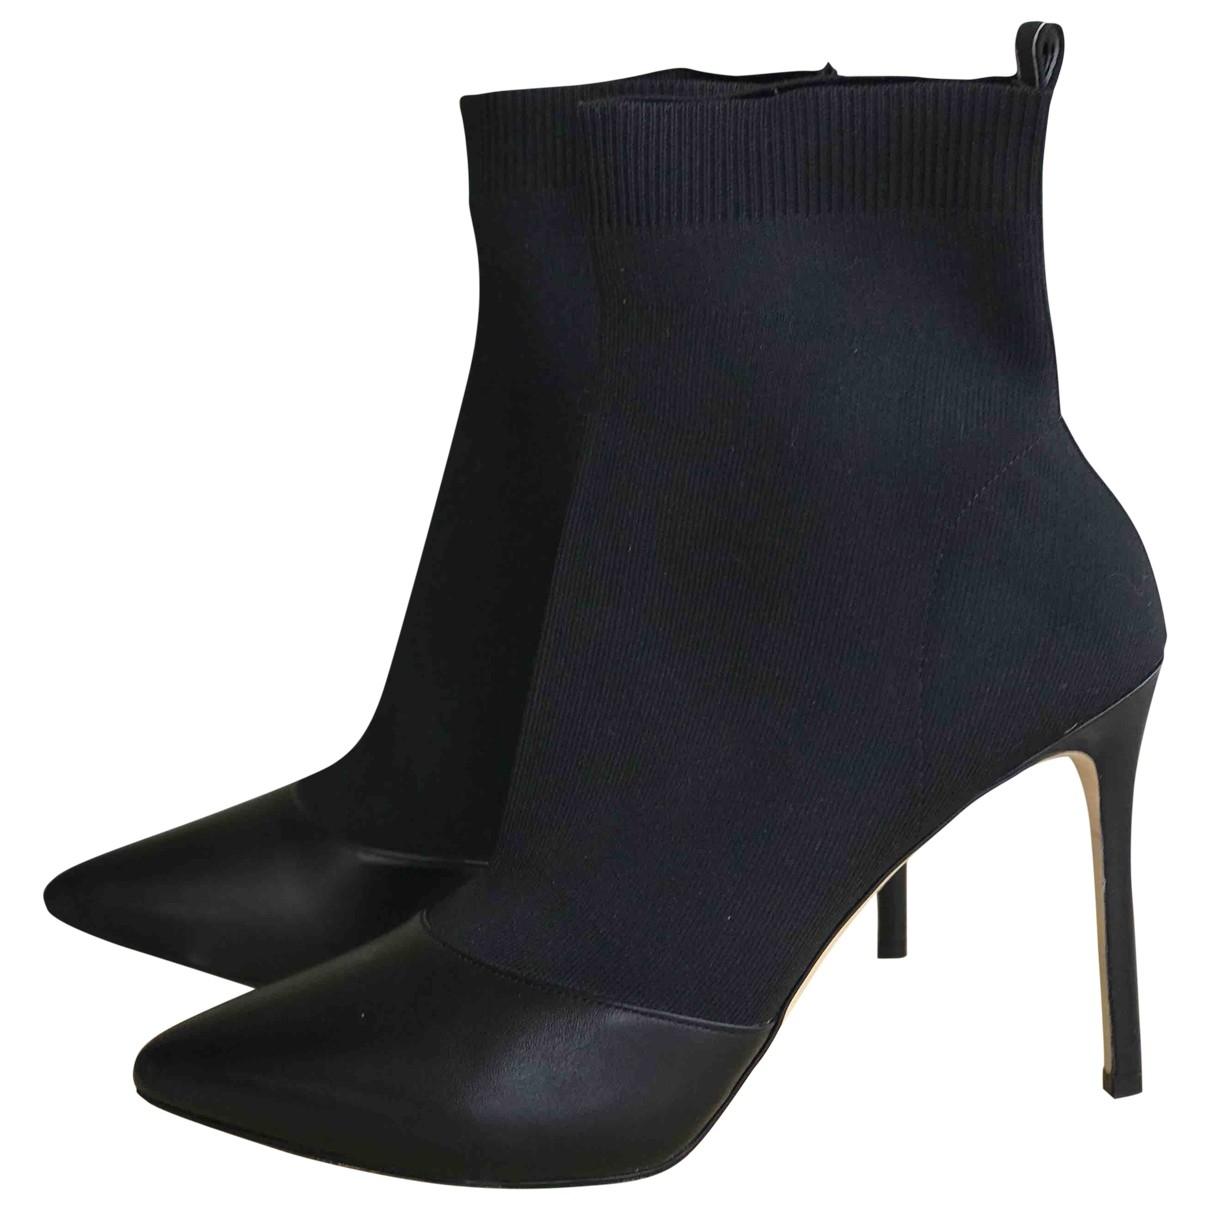 Michael Kors - Boots   pour femme - noir